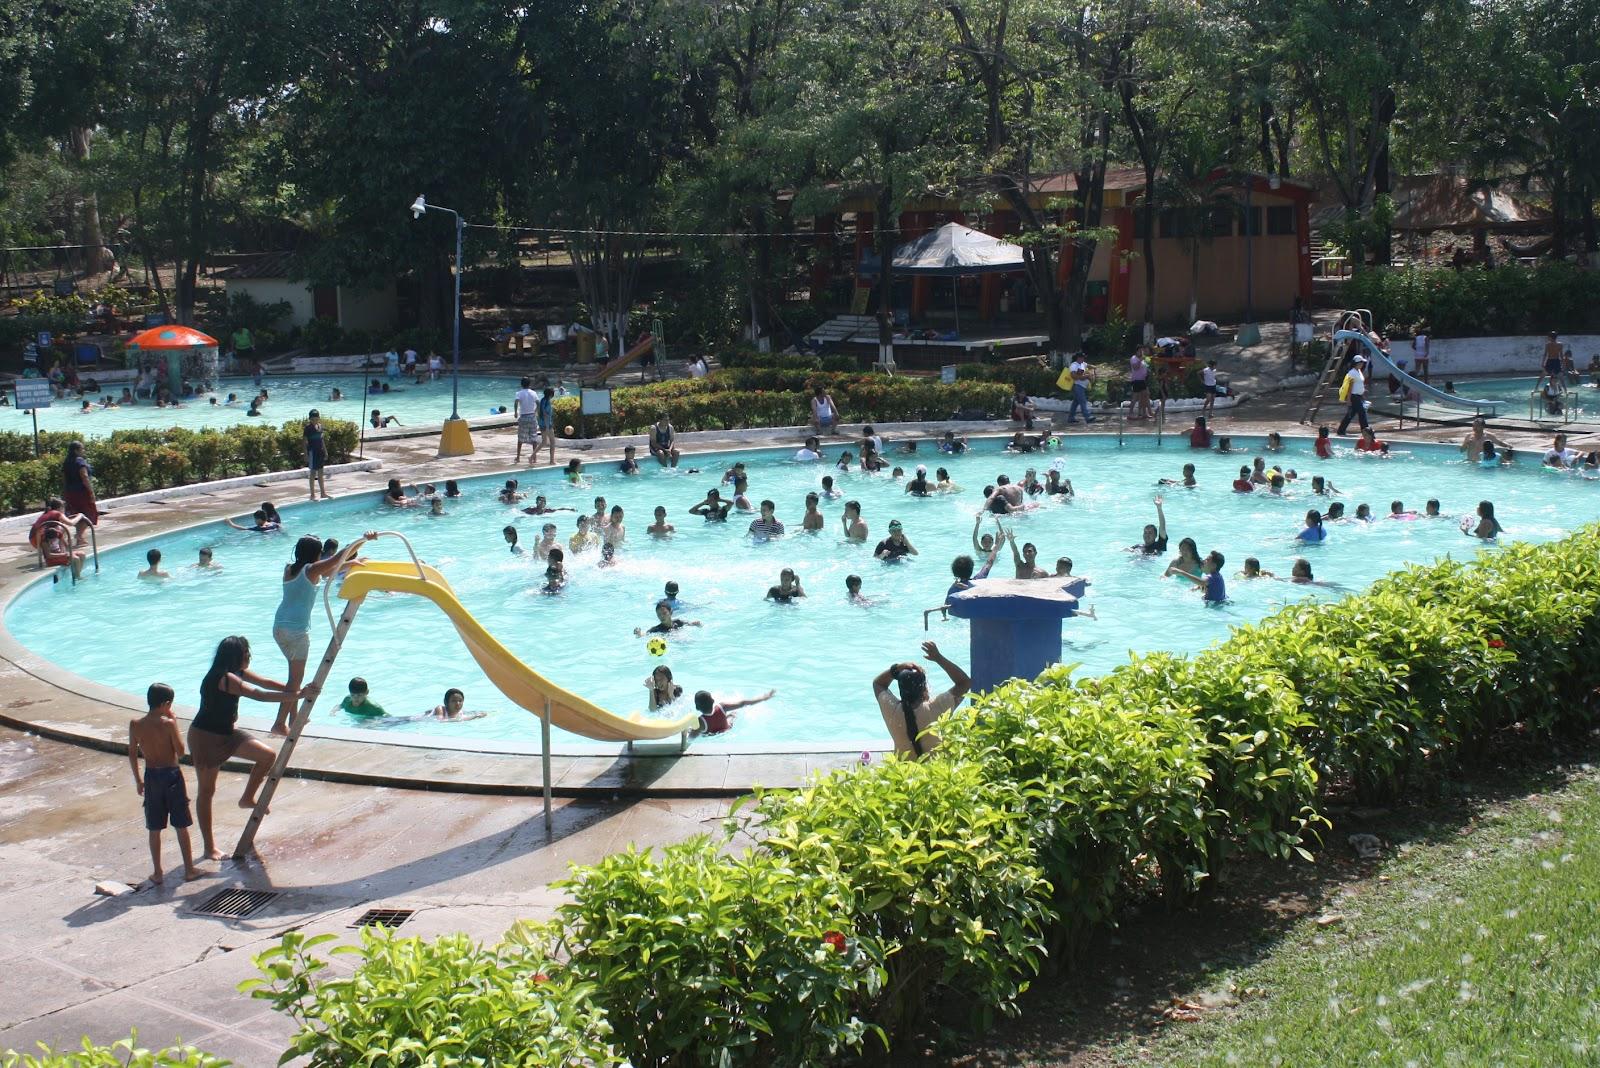 Parque acu tico altos de la cueva san miguel llegando for Go fit piscinas san miguel telefono